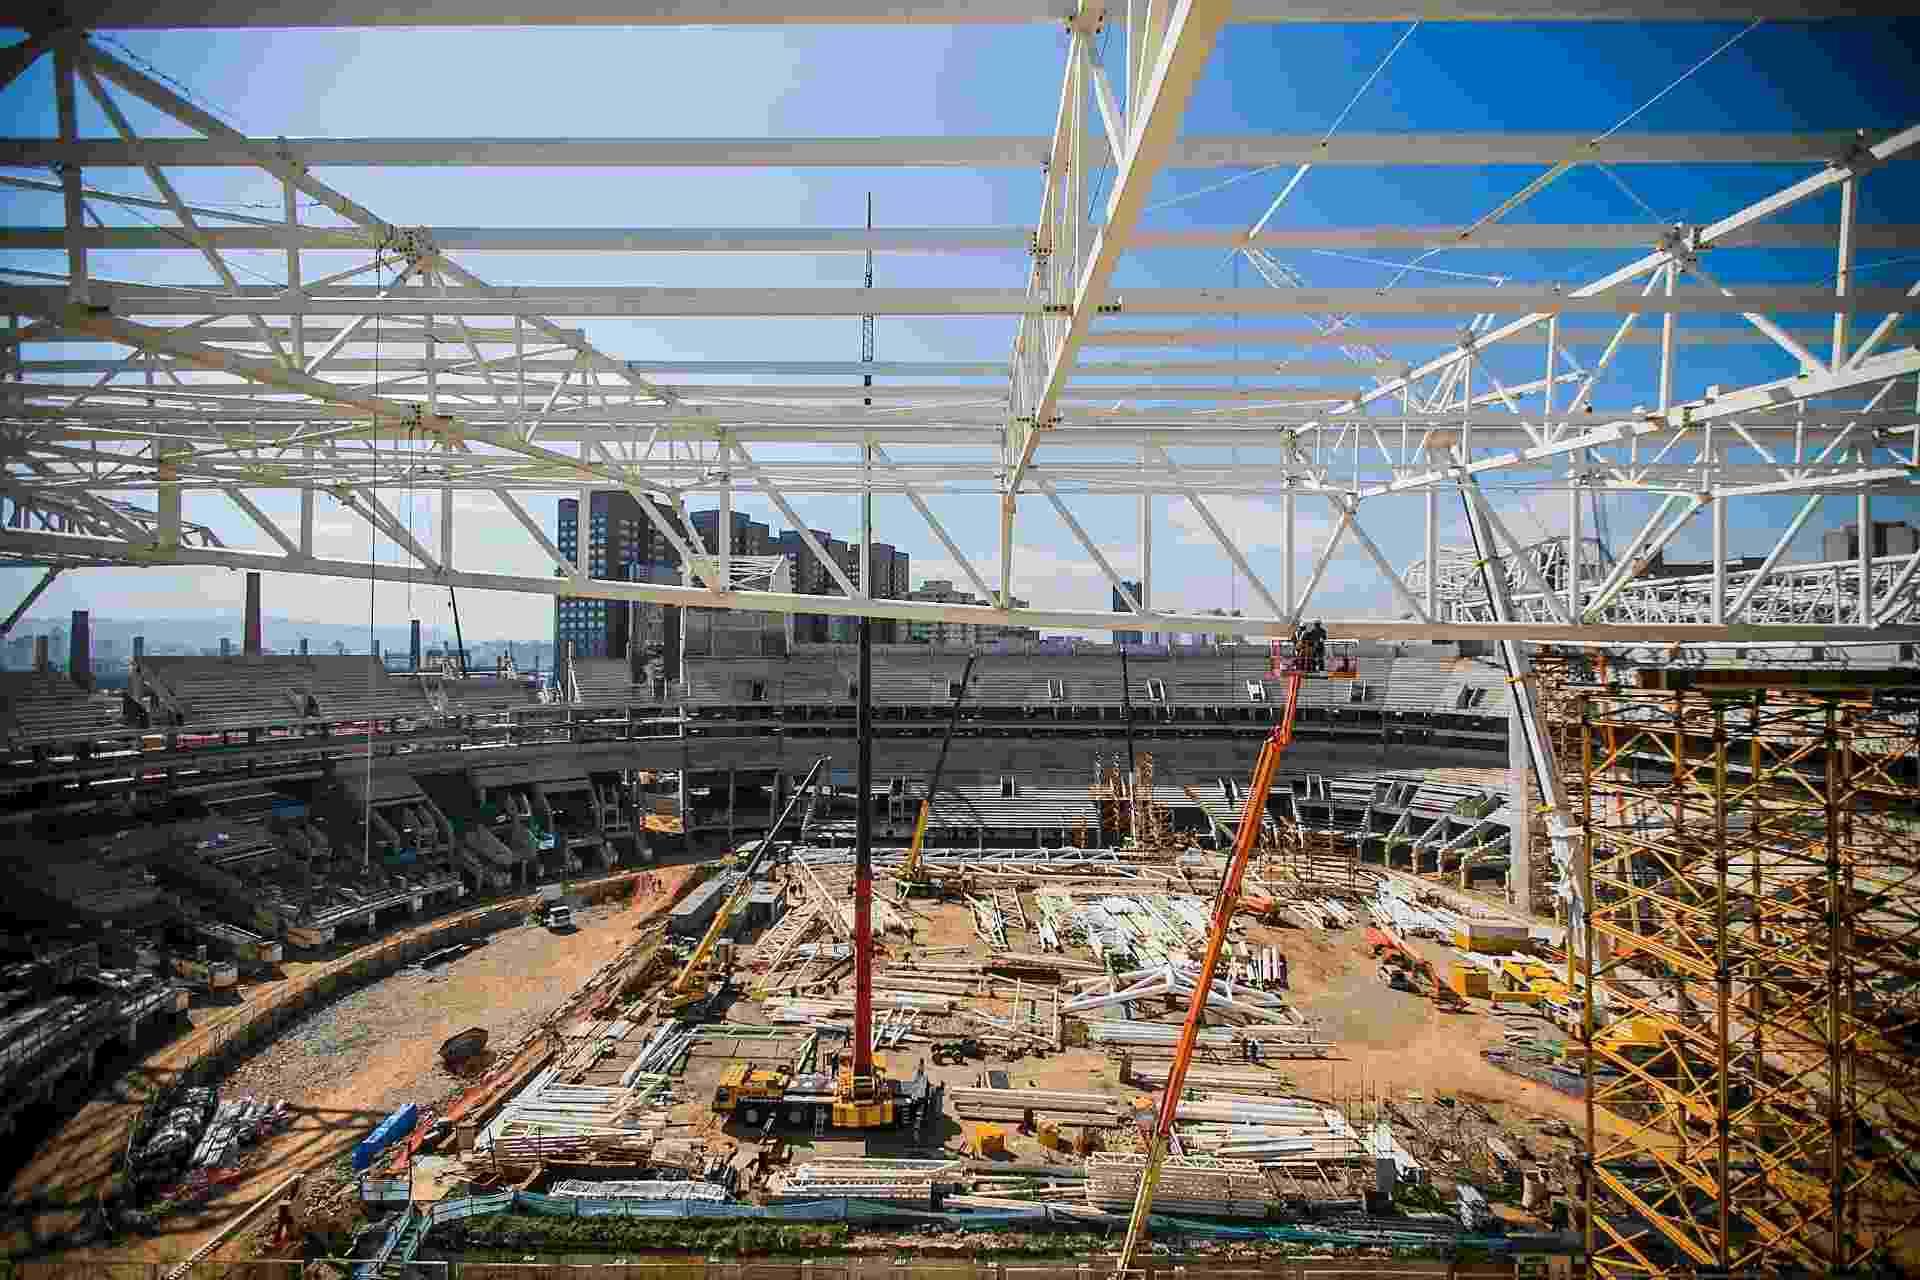 17.07.2013 - Foto da vista da cabine de imprensa, o ponto mais alto do estádio - Leonardo Soares (UOL)